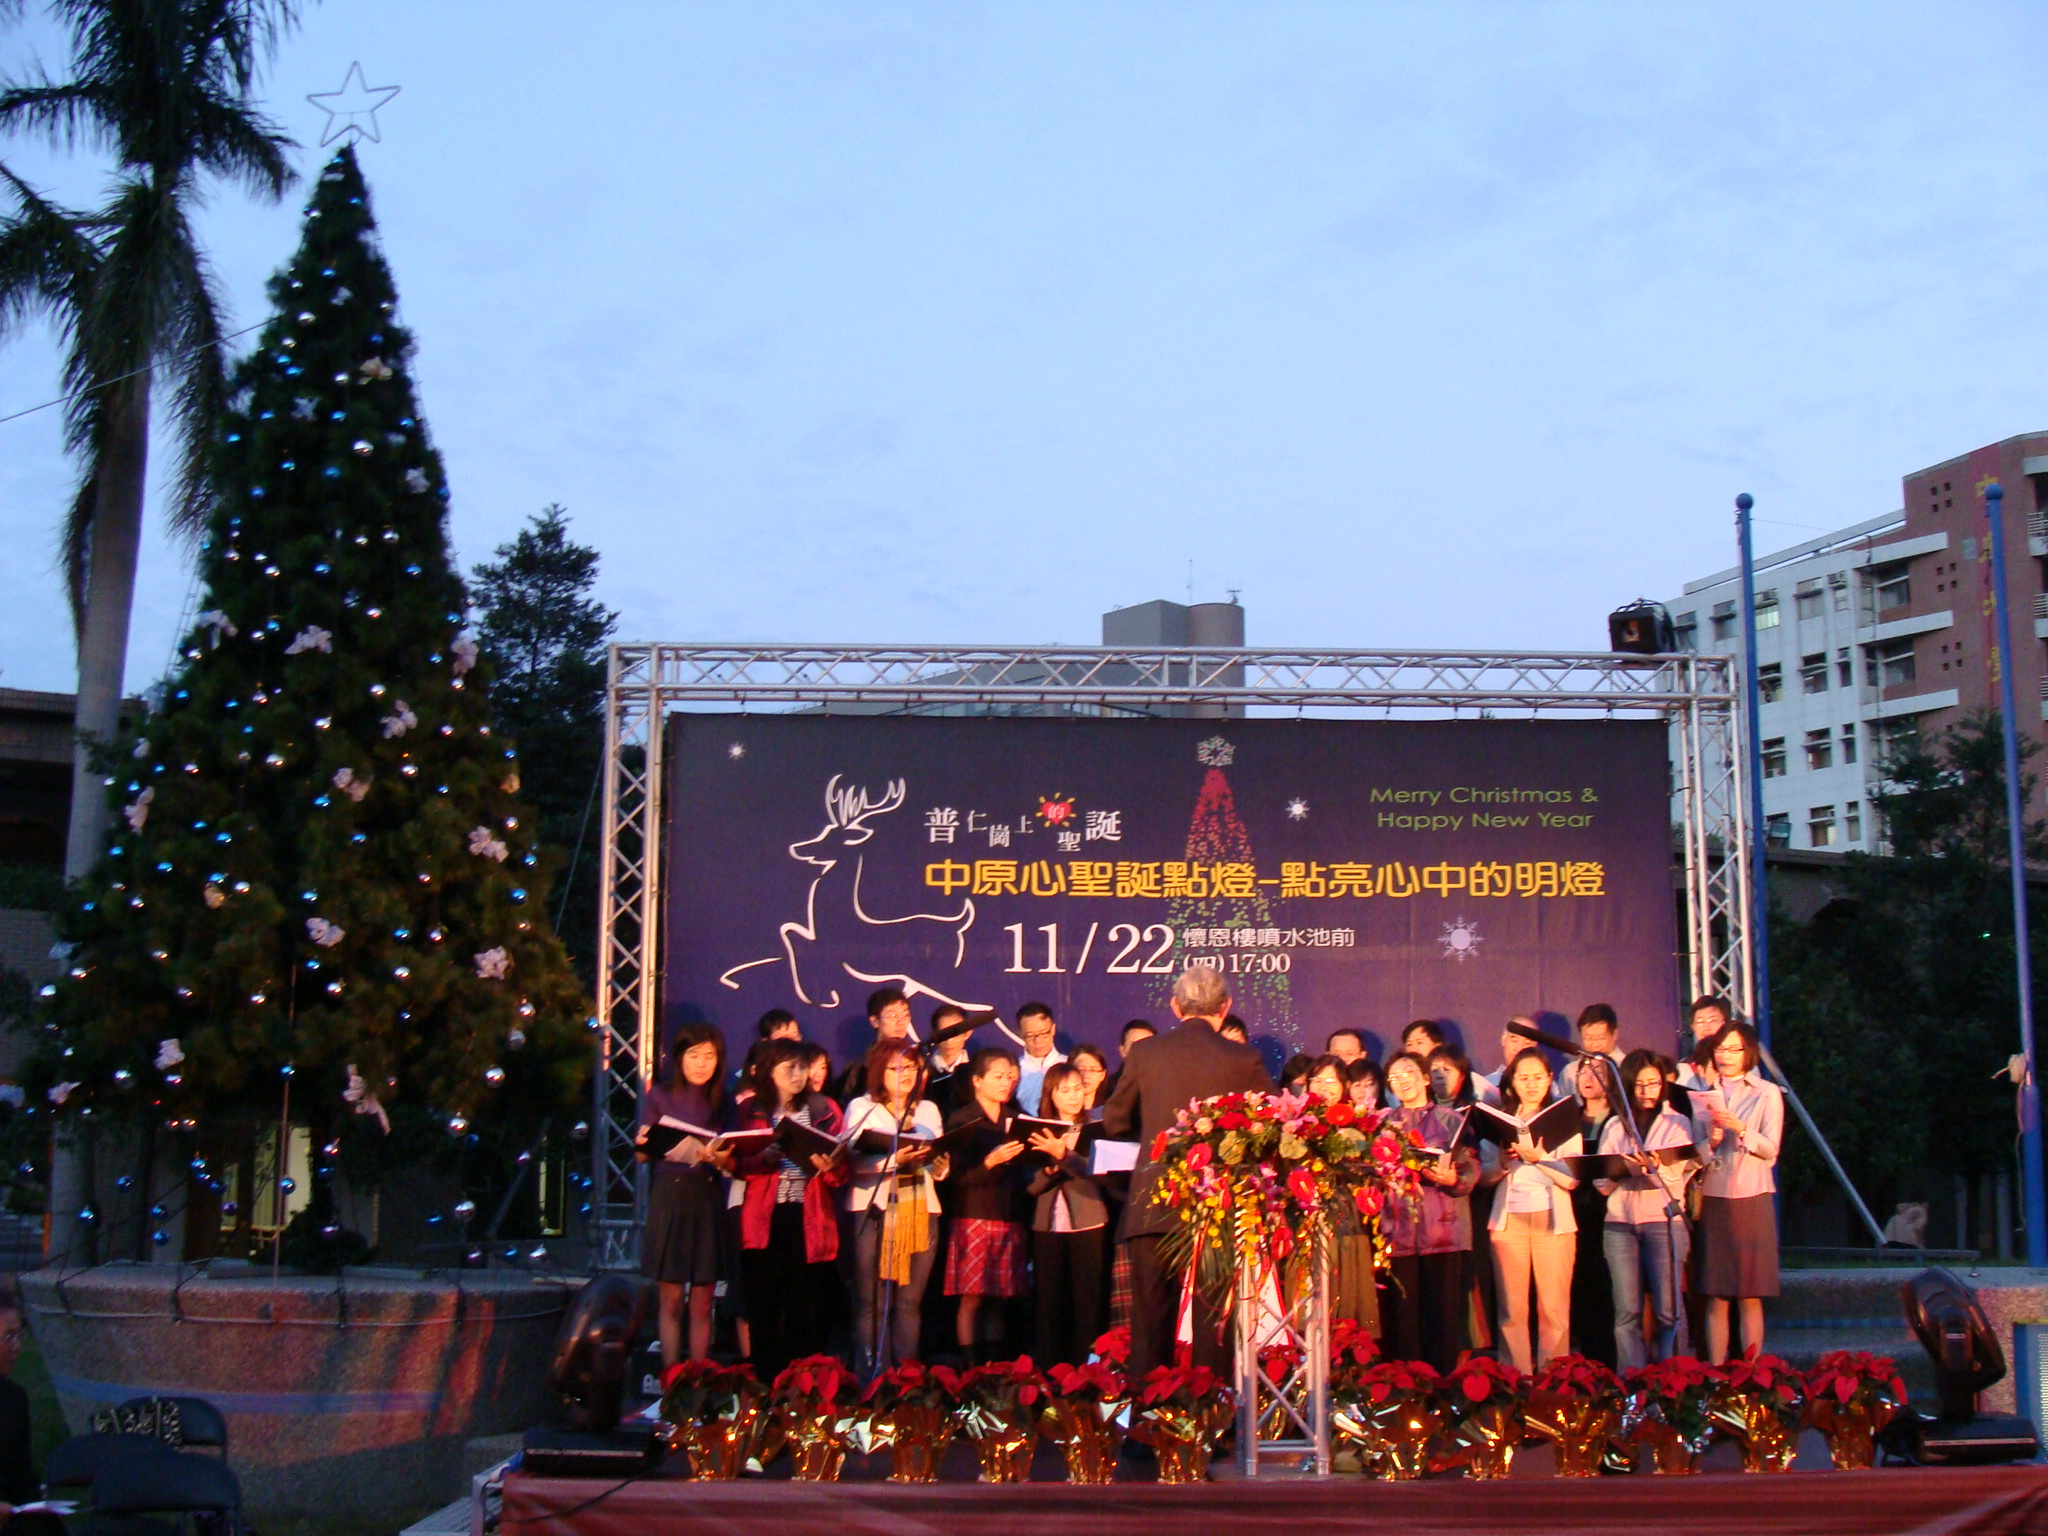 聖誕點燈 為中原大學聖誕節系列活動揭幕